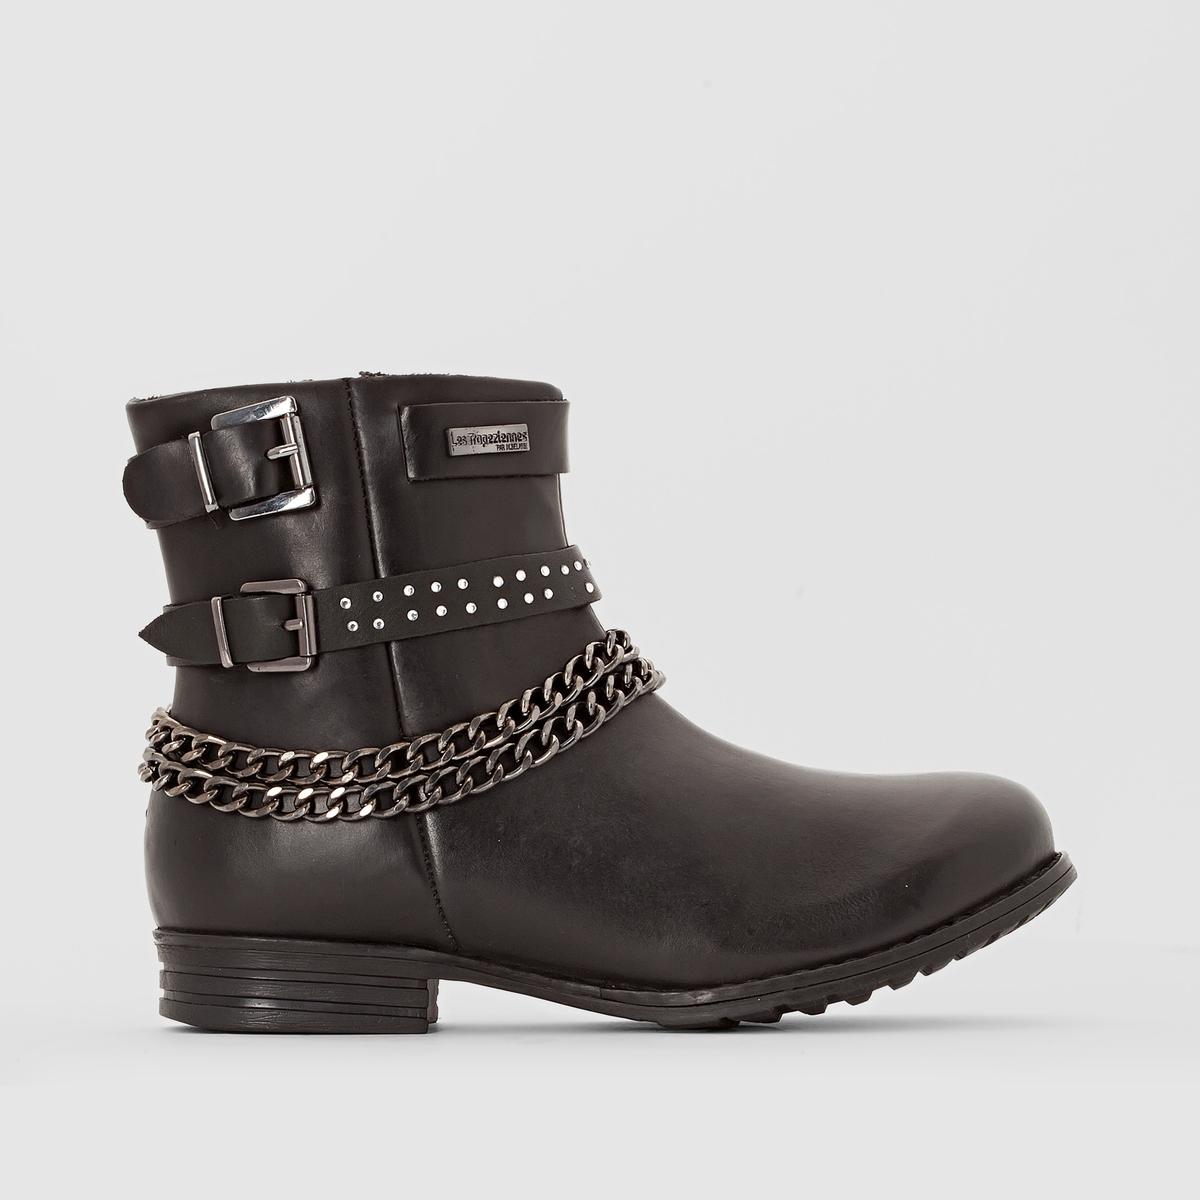 Ботинки кожаные, KarlПодкладка: Текстиль.            Стелька: Текстиль.            Подошва: Синтетический материал.         Высота голенища: 8 см. Форма каблука: Широкая.  Мысок: Круглый.     Застежка: На молнию.<br><br>Цвет: черный<br>Размер: 38.37